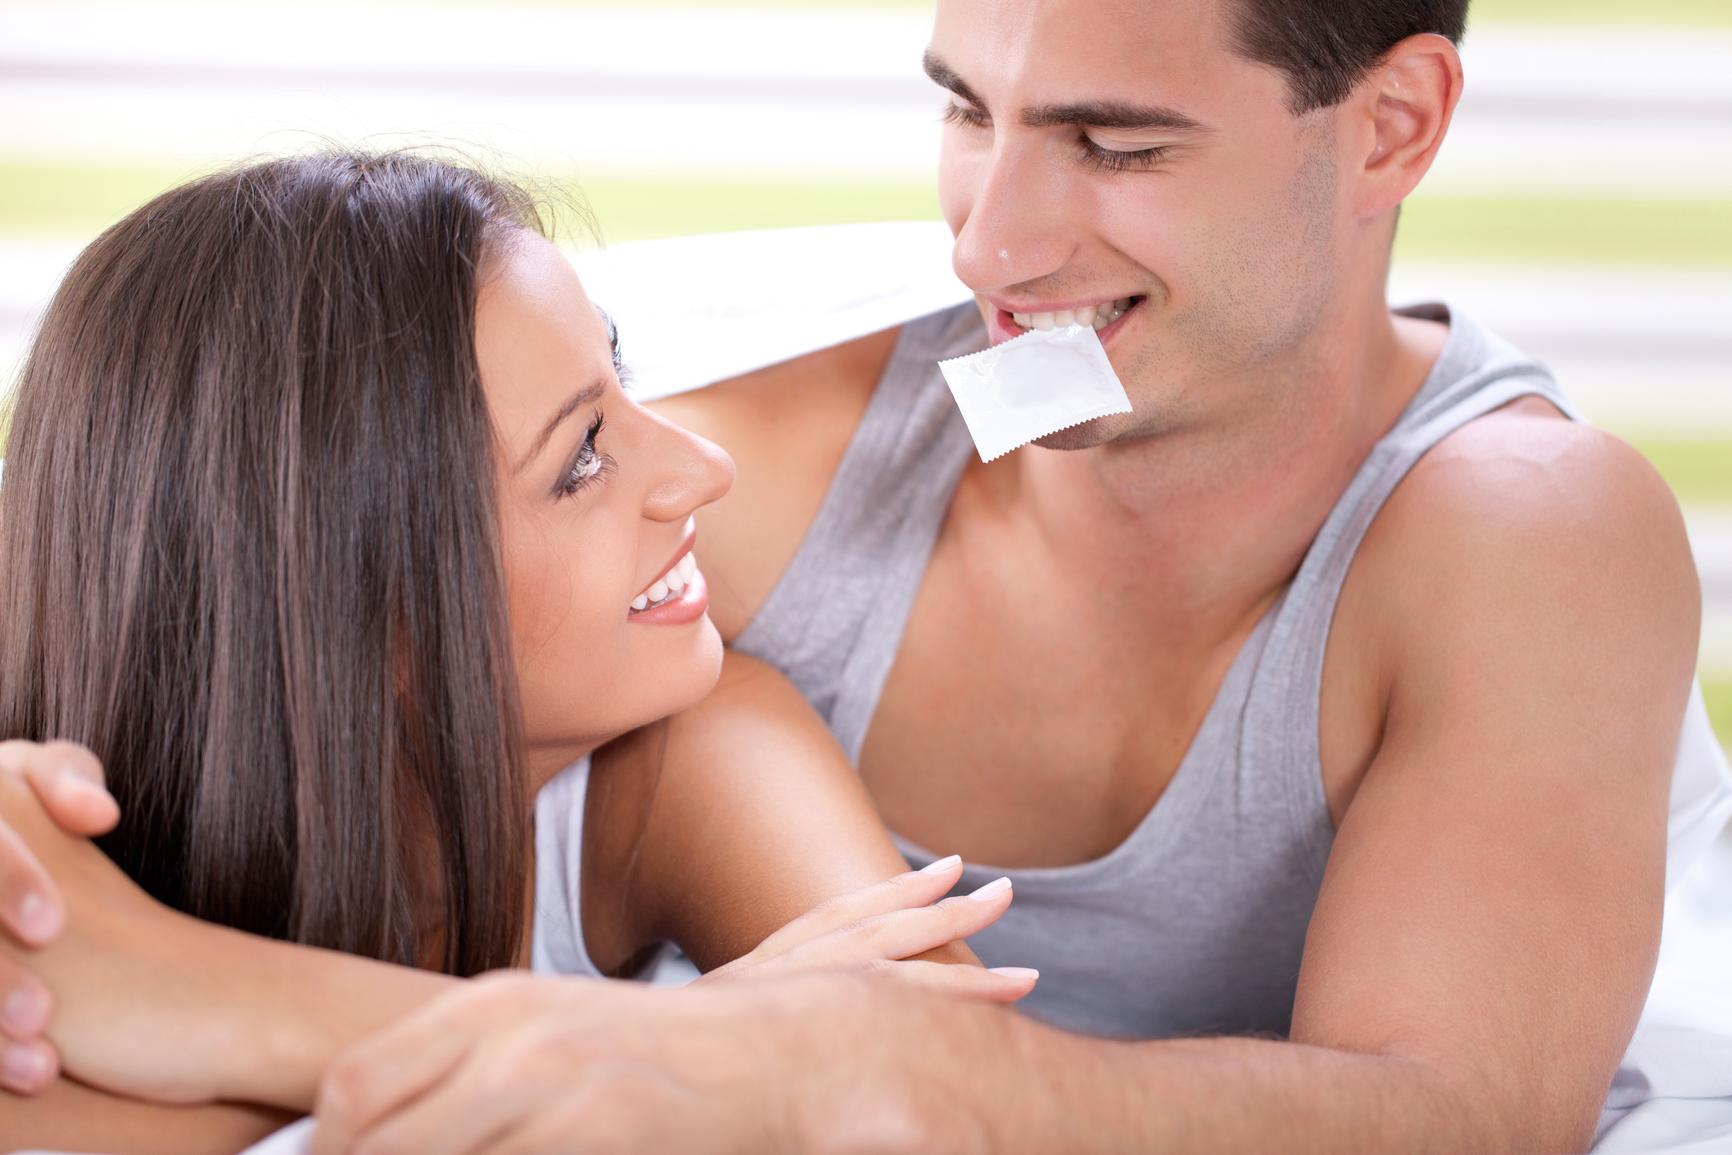 Занимался сексом без презерватива и у девушке задержка материал